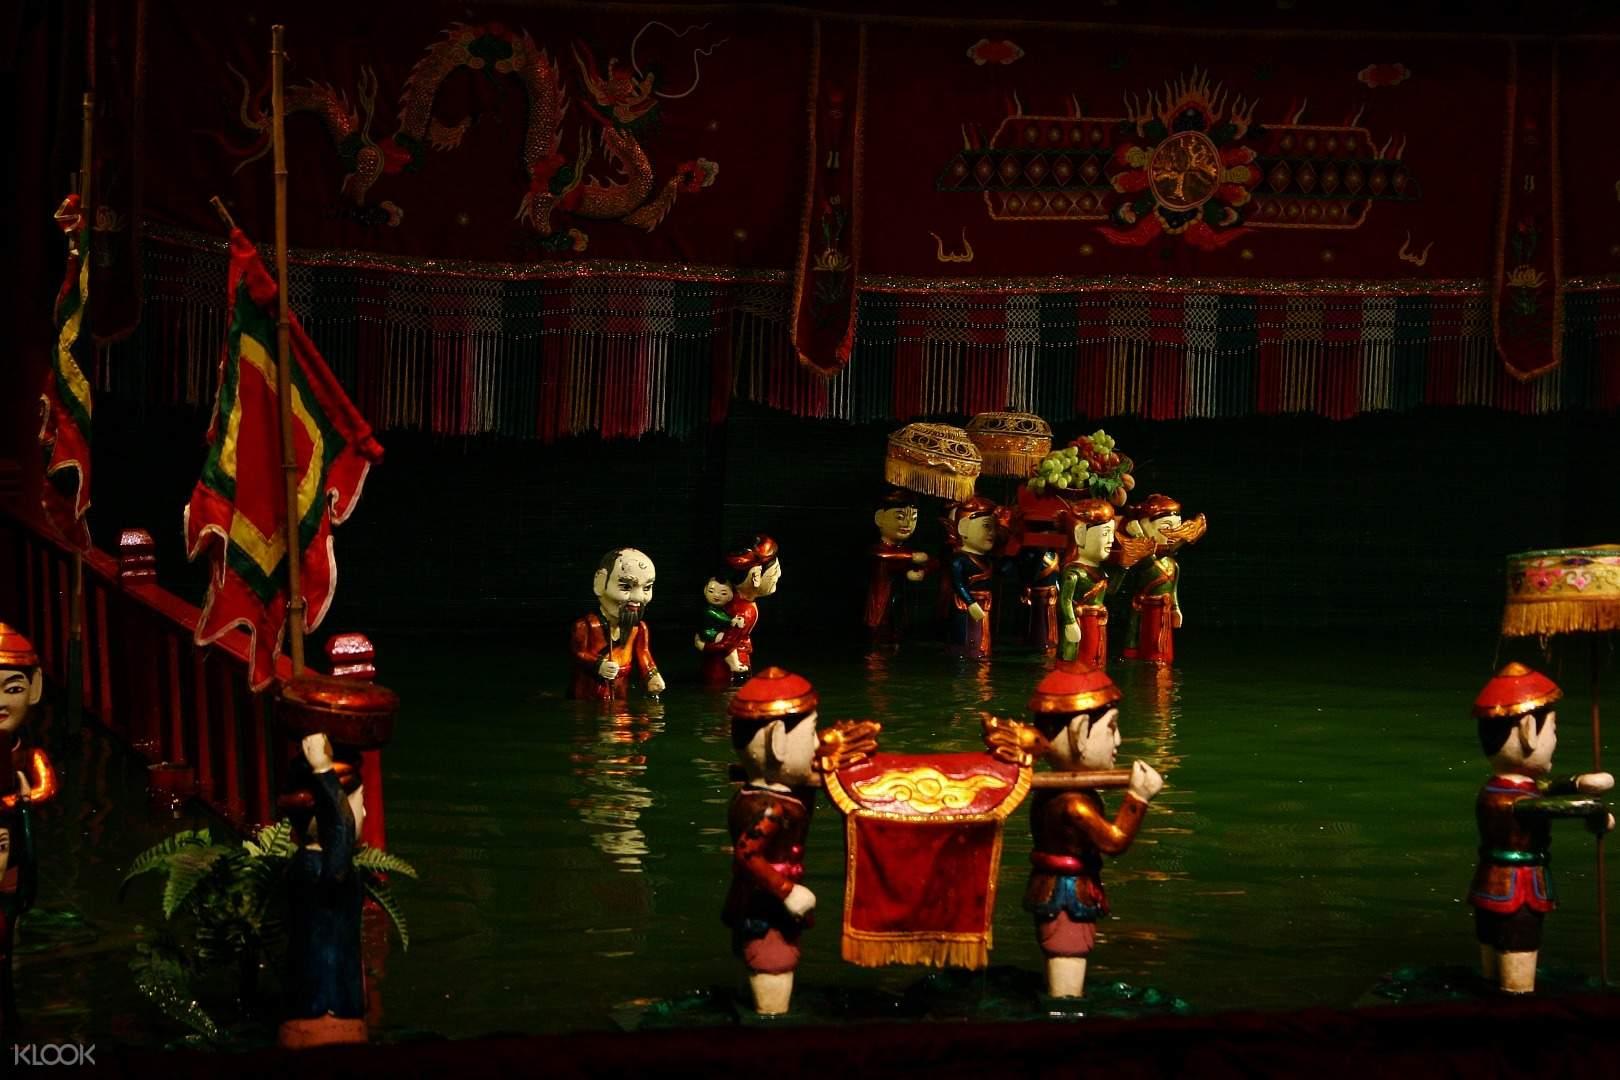 Hình ảnh buổi biểu diễn múa rối nước tại Hà Nội